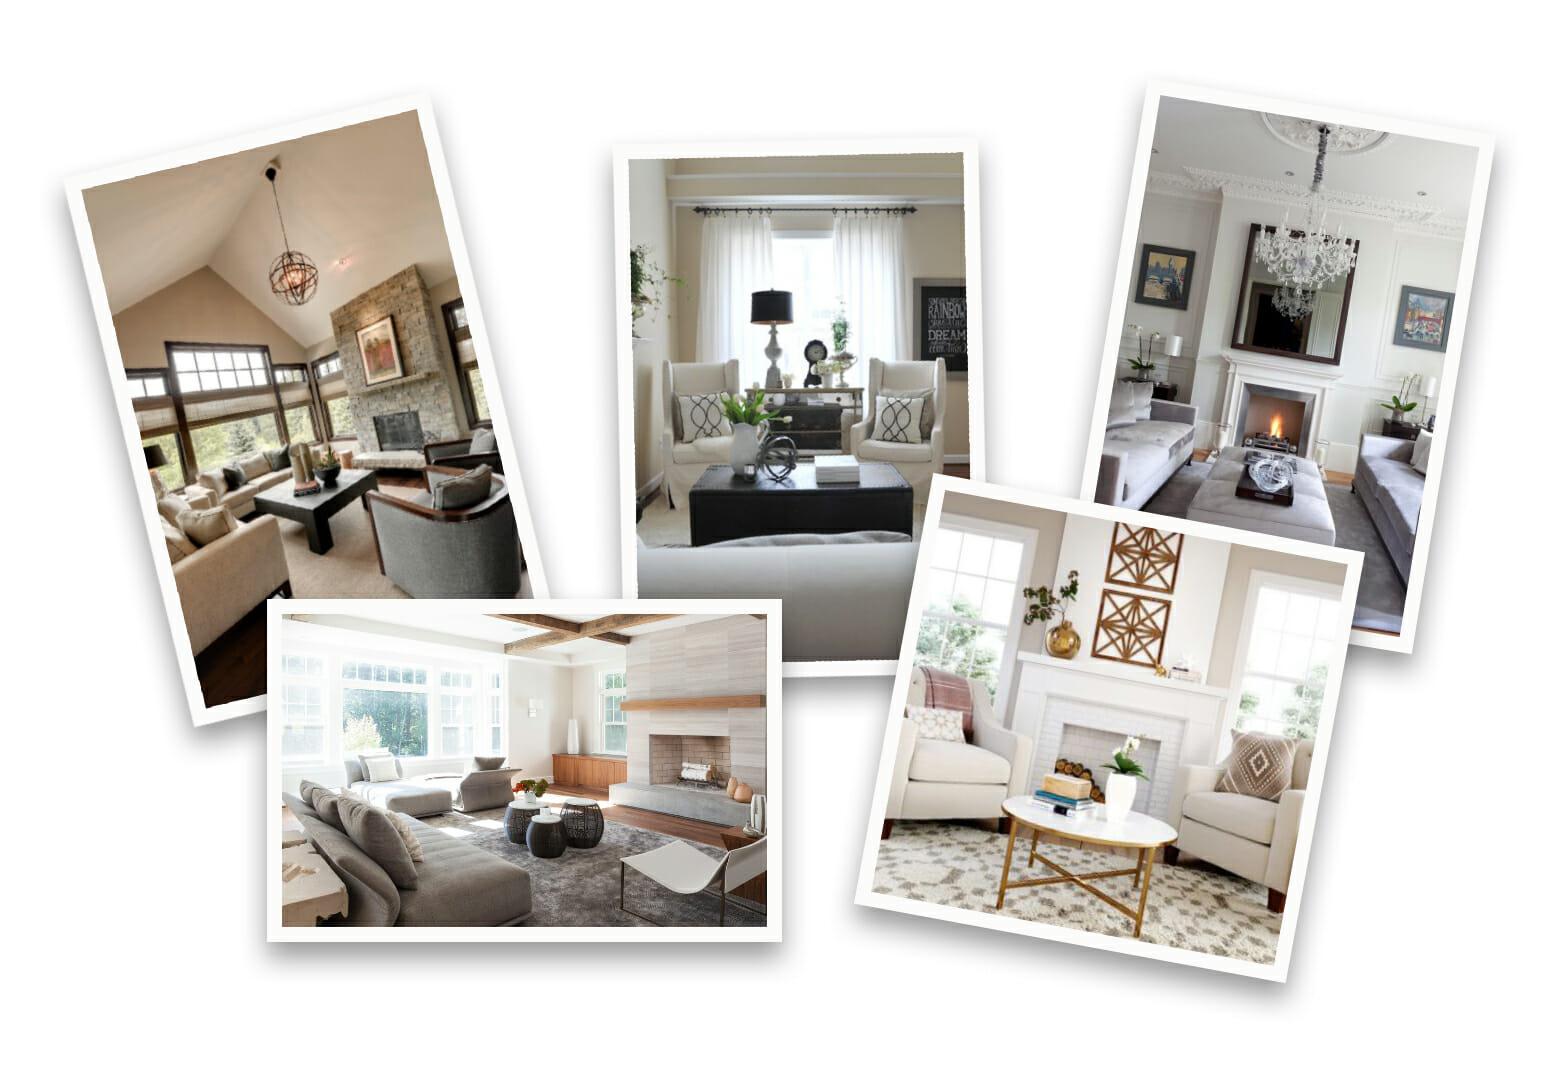 transitional online living room design_inspiration